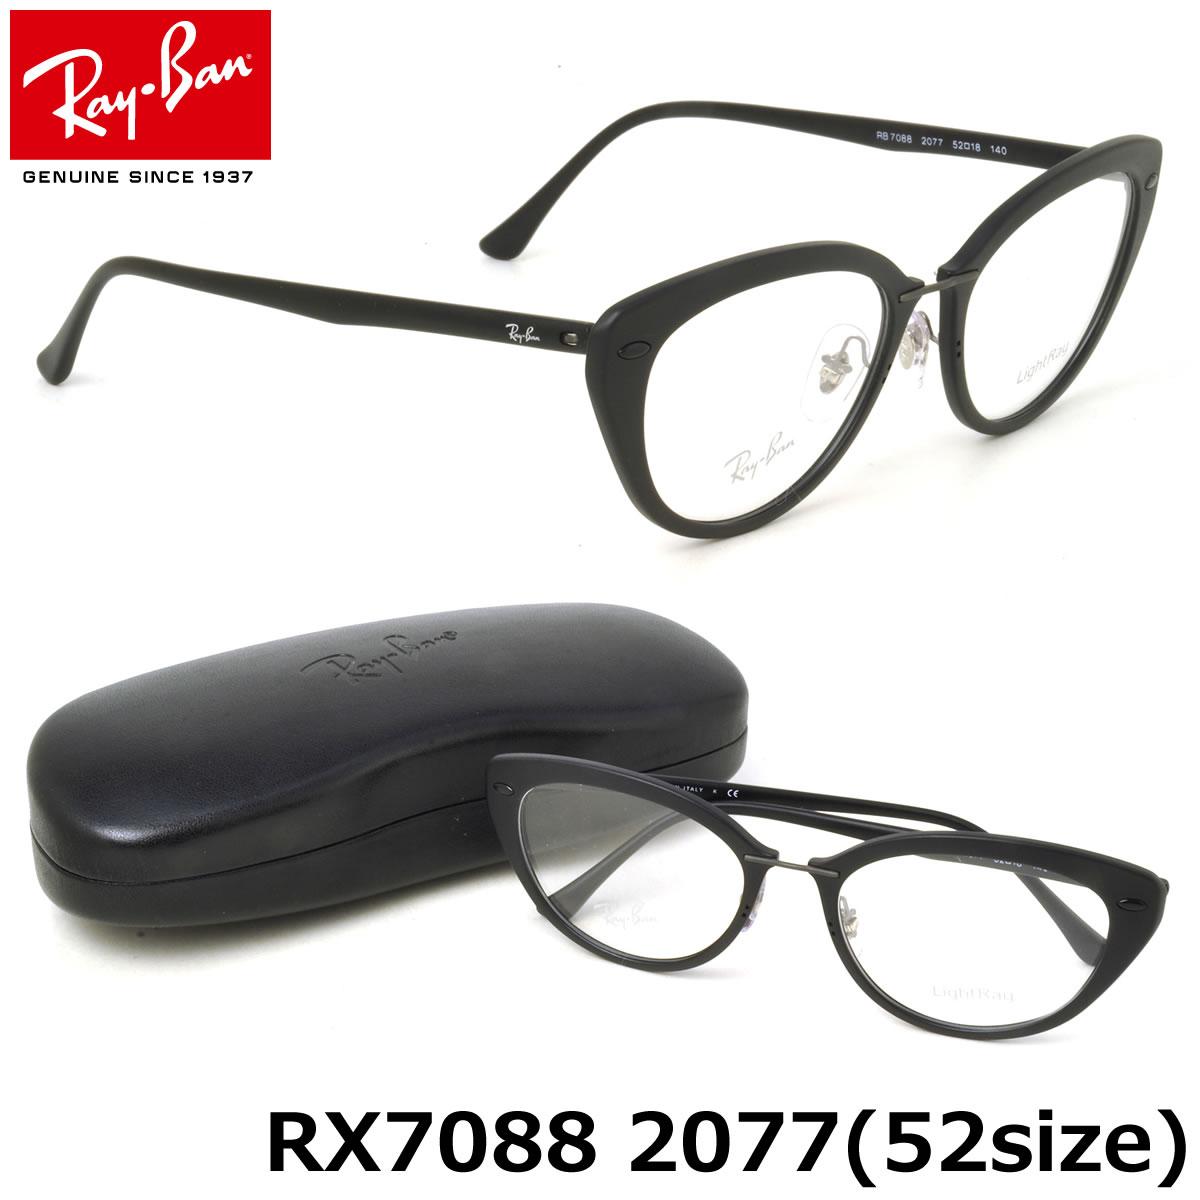 【10月30日からエントリーで全品ポイント20倍】レイバン メガネ フレーム Ray-Ban RX7088 2077 52サイズ Lightray Titanium ライトレイ チタン ラウンド フルリム レイバン RAYBAN メンズ レディース